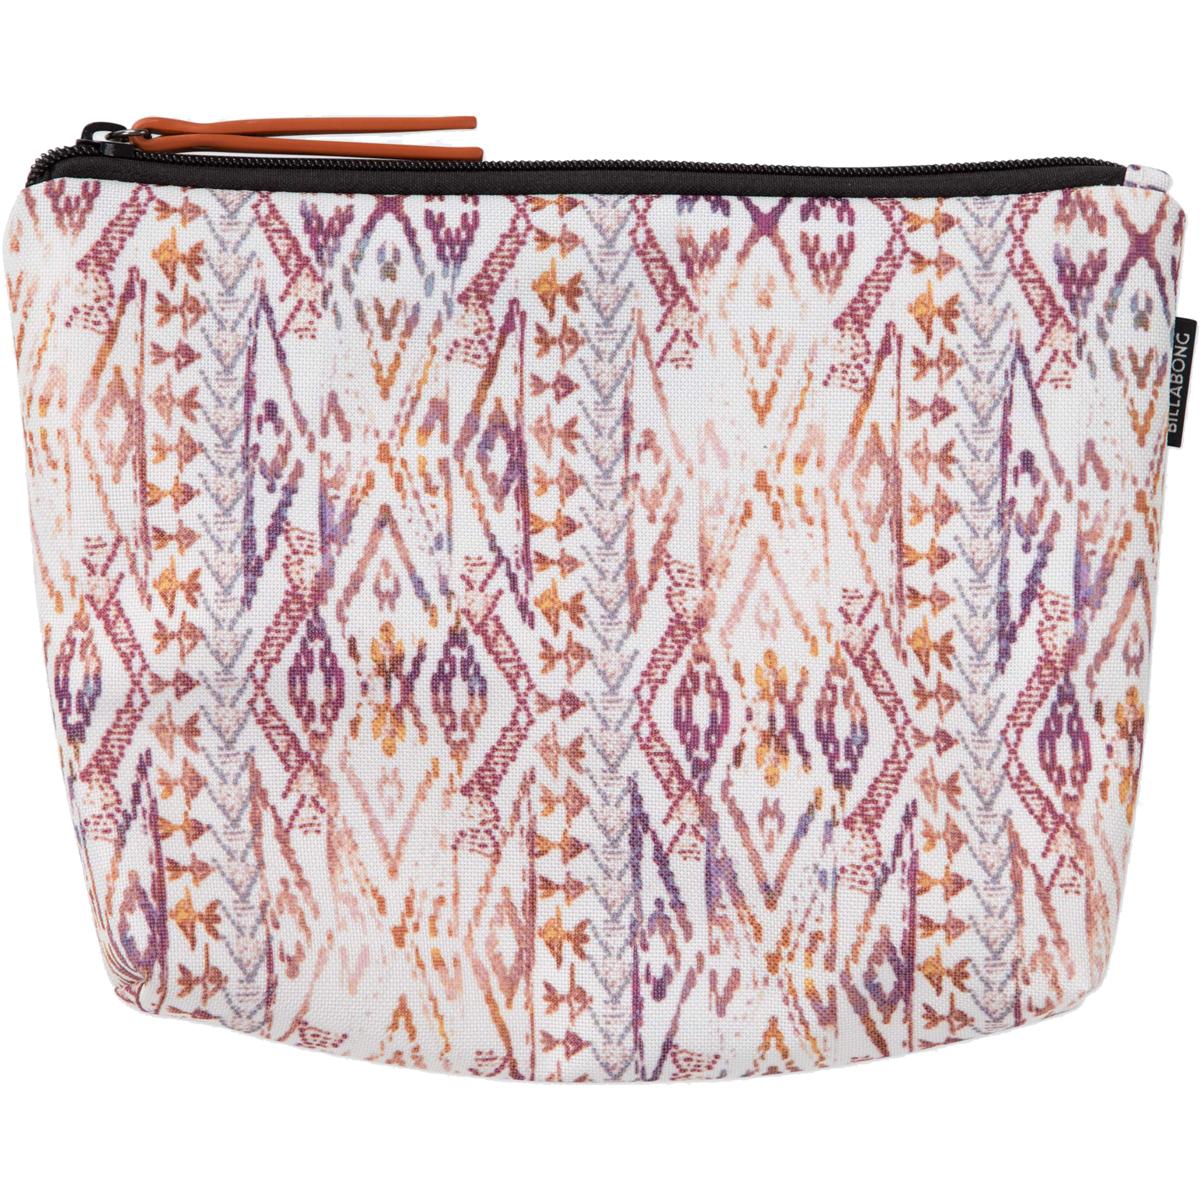 Сумка женская Billabong Diaz, цвет: синий, 3 л. Z9PE03Z9PE03Компактная женская сумка в индийском стиле. Готова стать отправной точкой Вашего женственного и, в то же время, непринужденного образа.